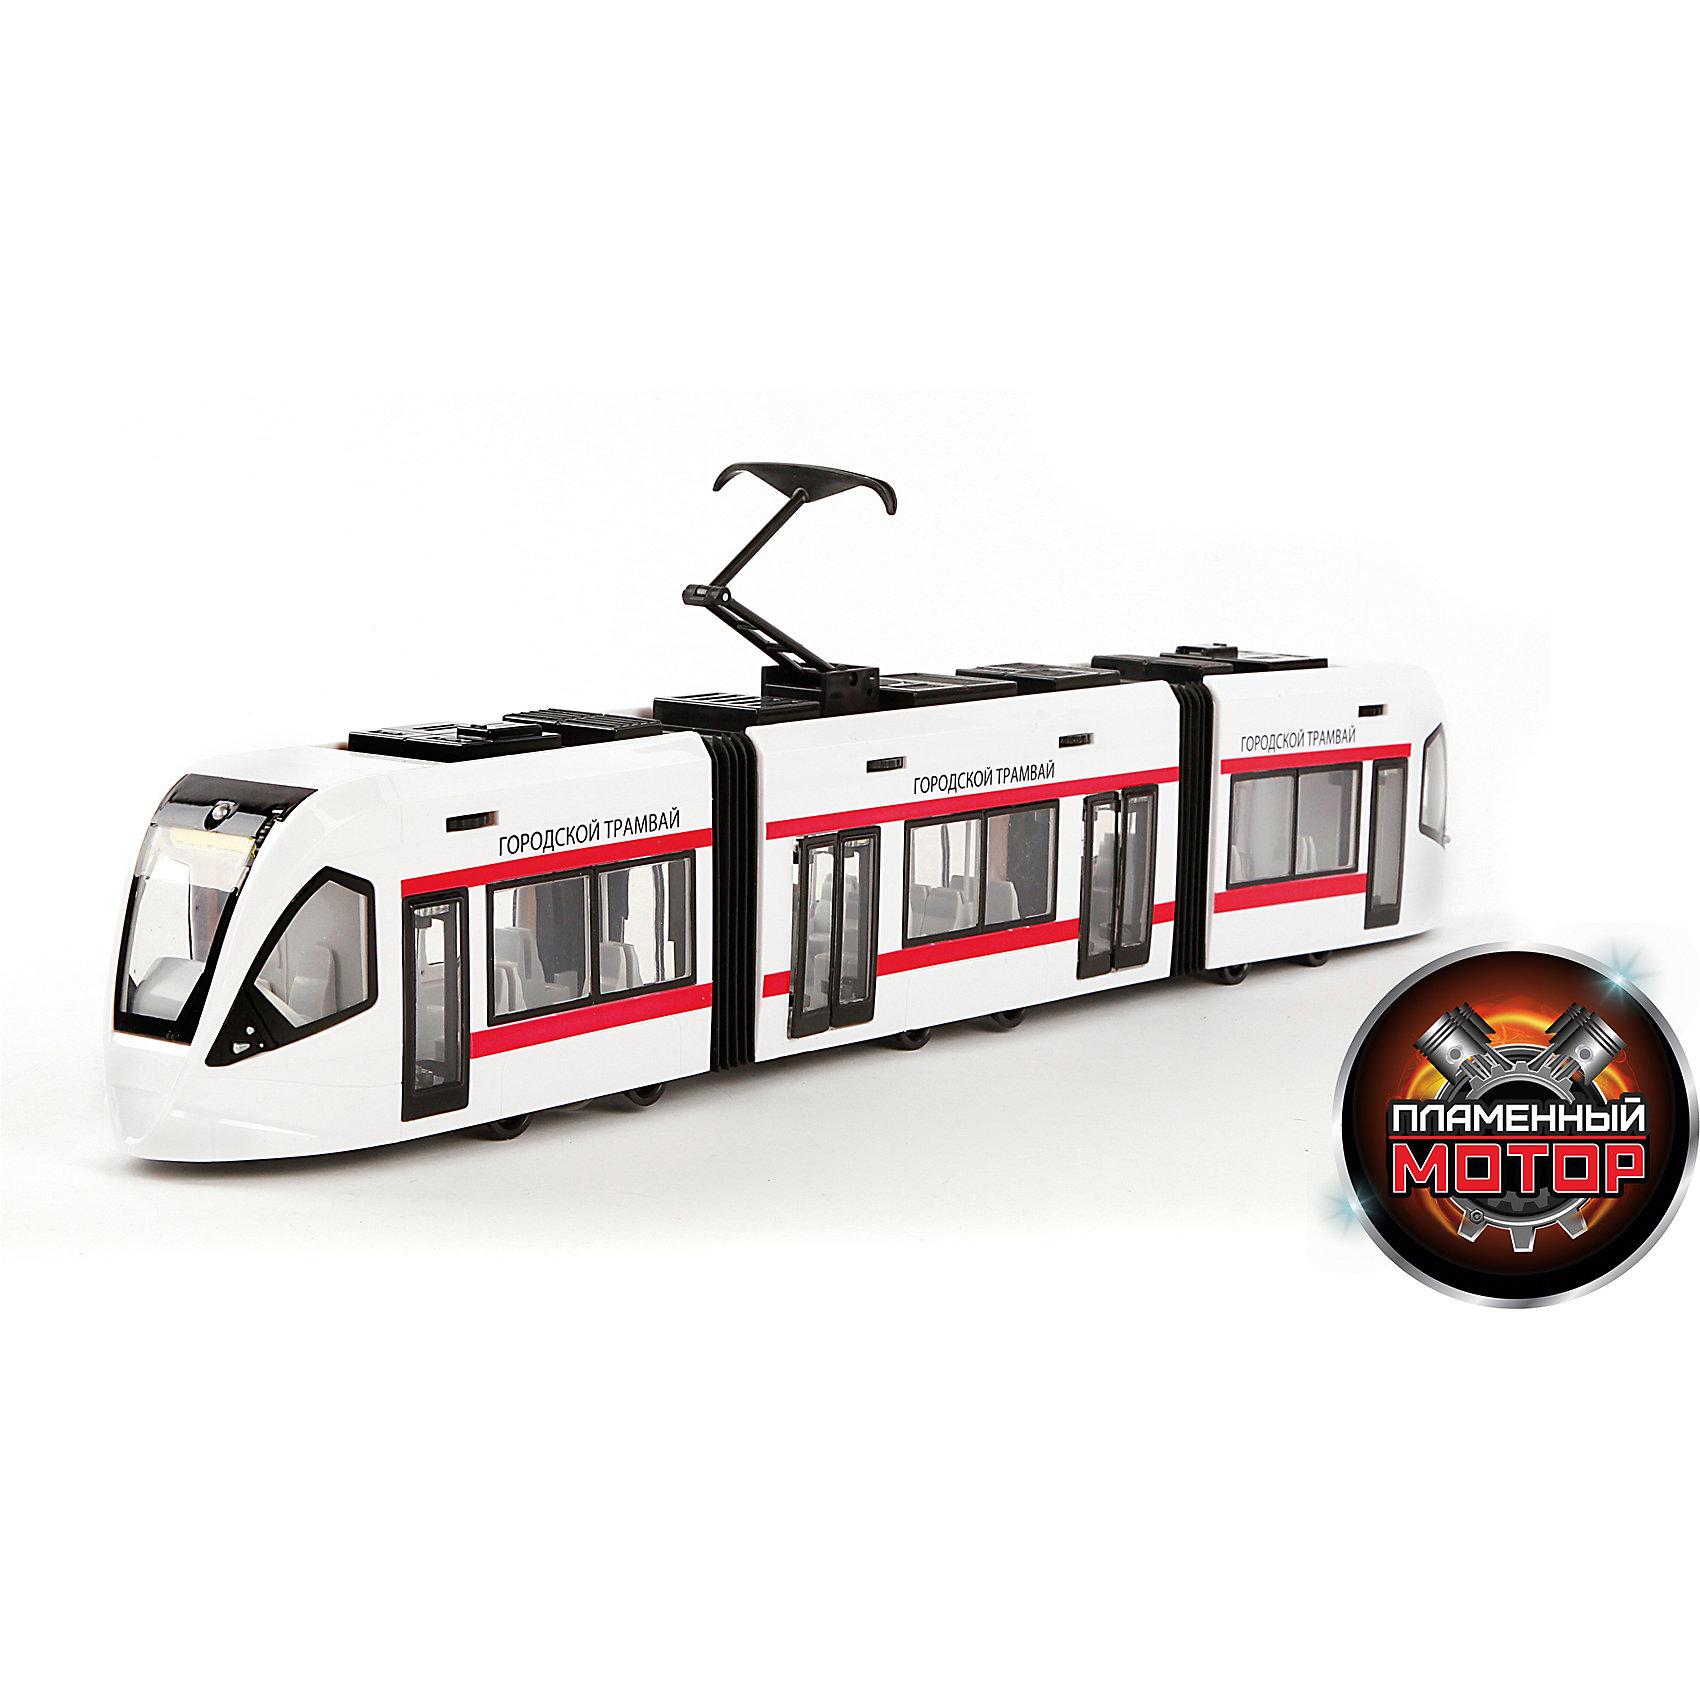 Пламенный мотор Городской трамвай, 1:43, Пламенный мотор